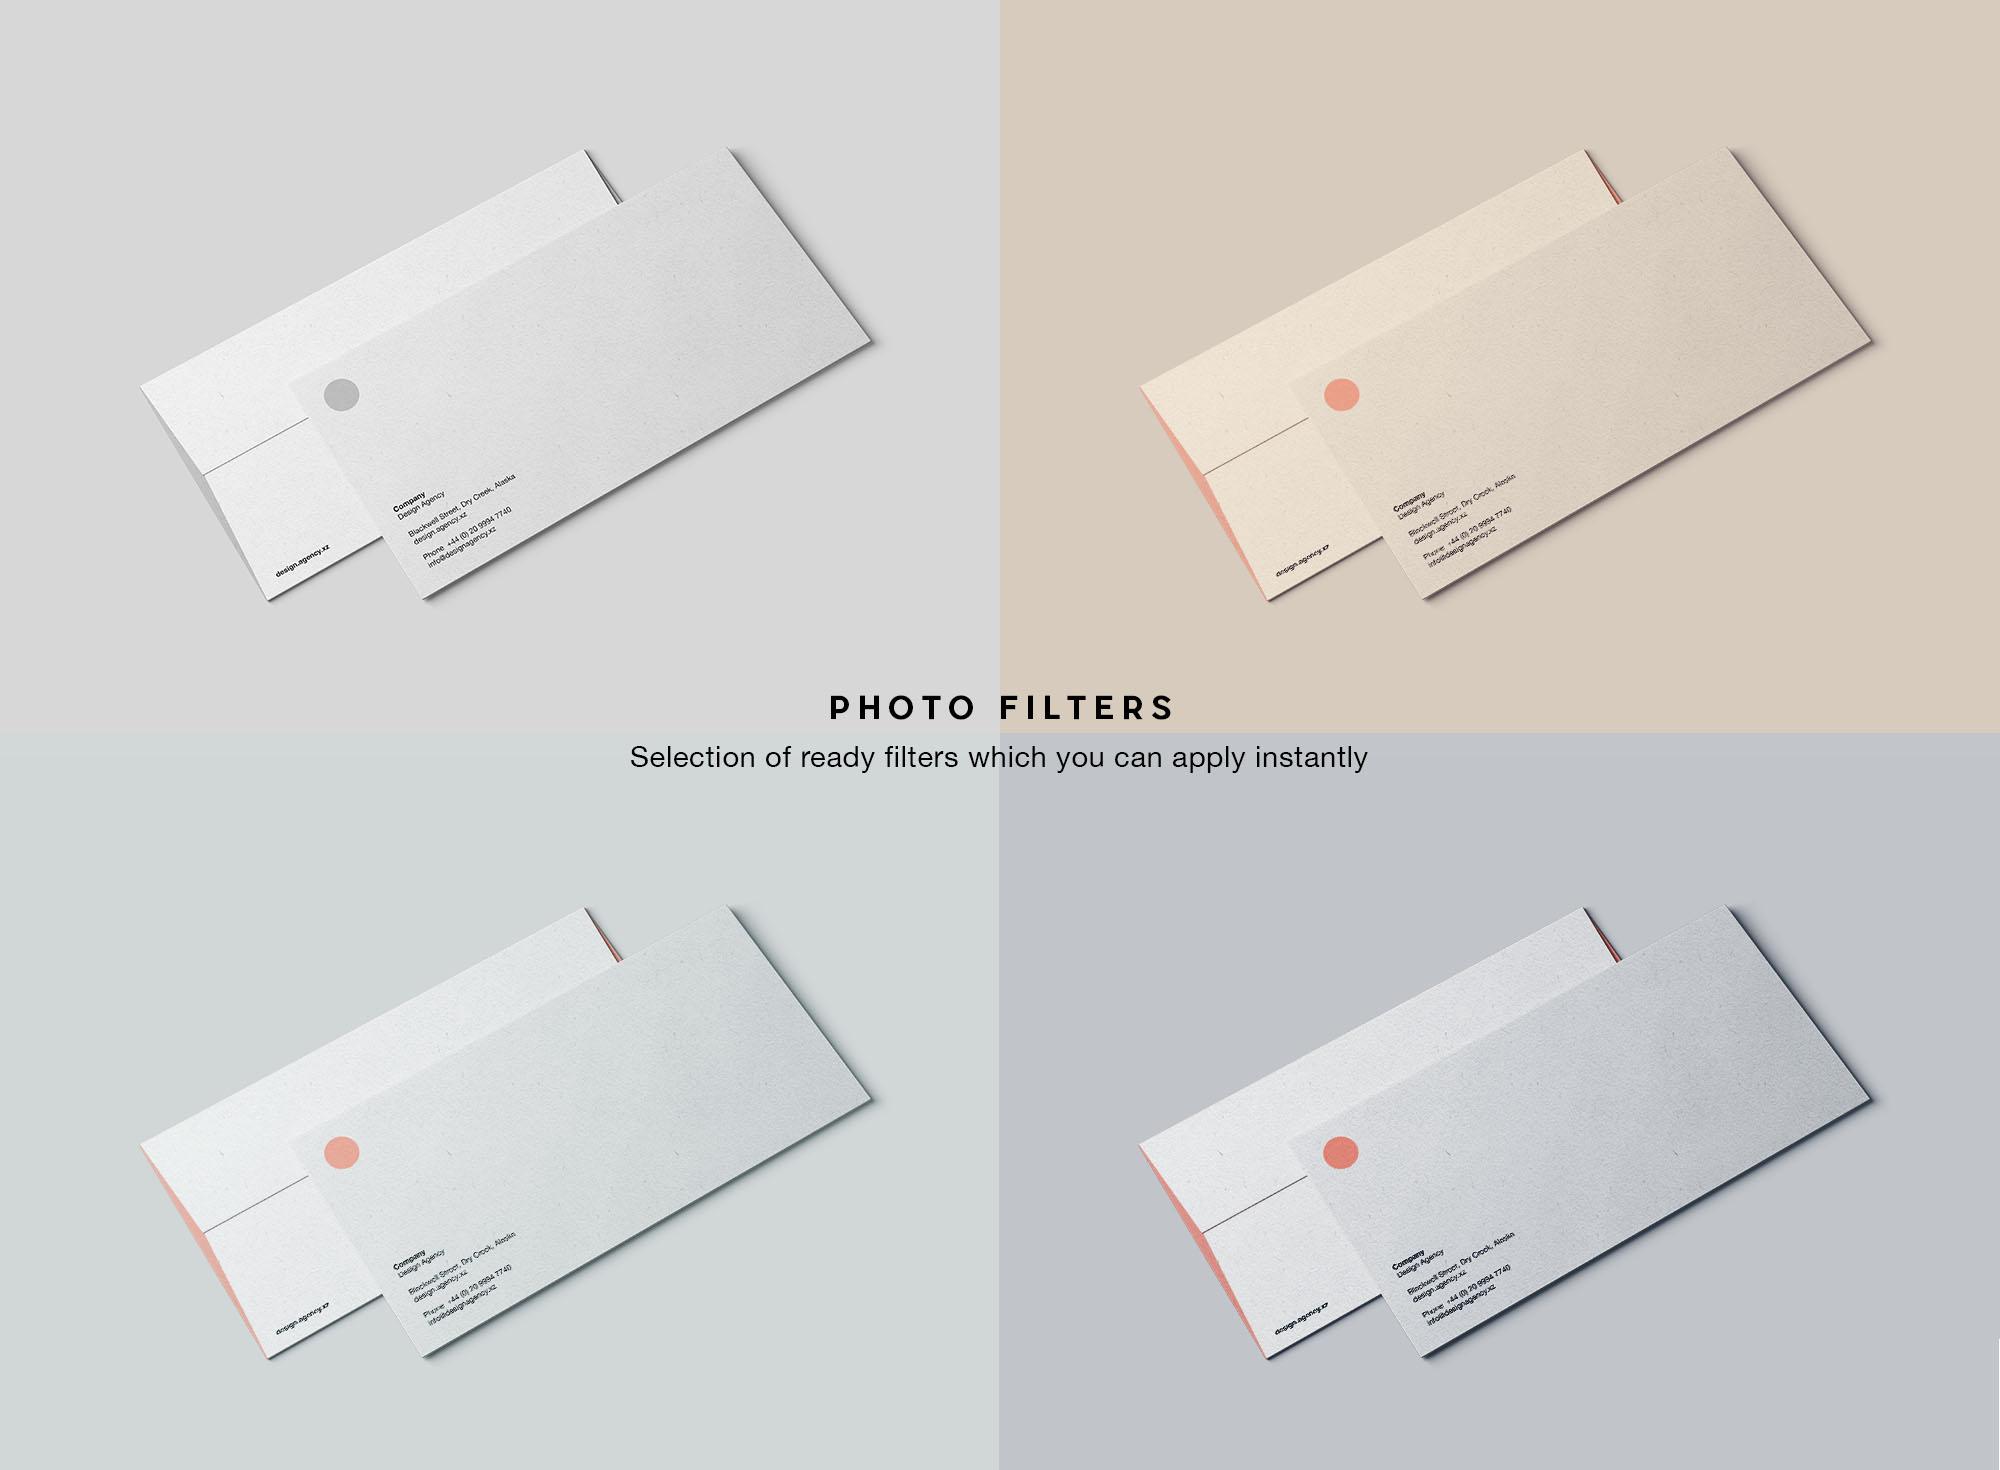 DL Envelope Mockup - Filters